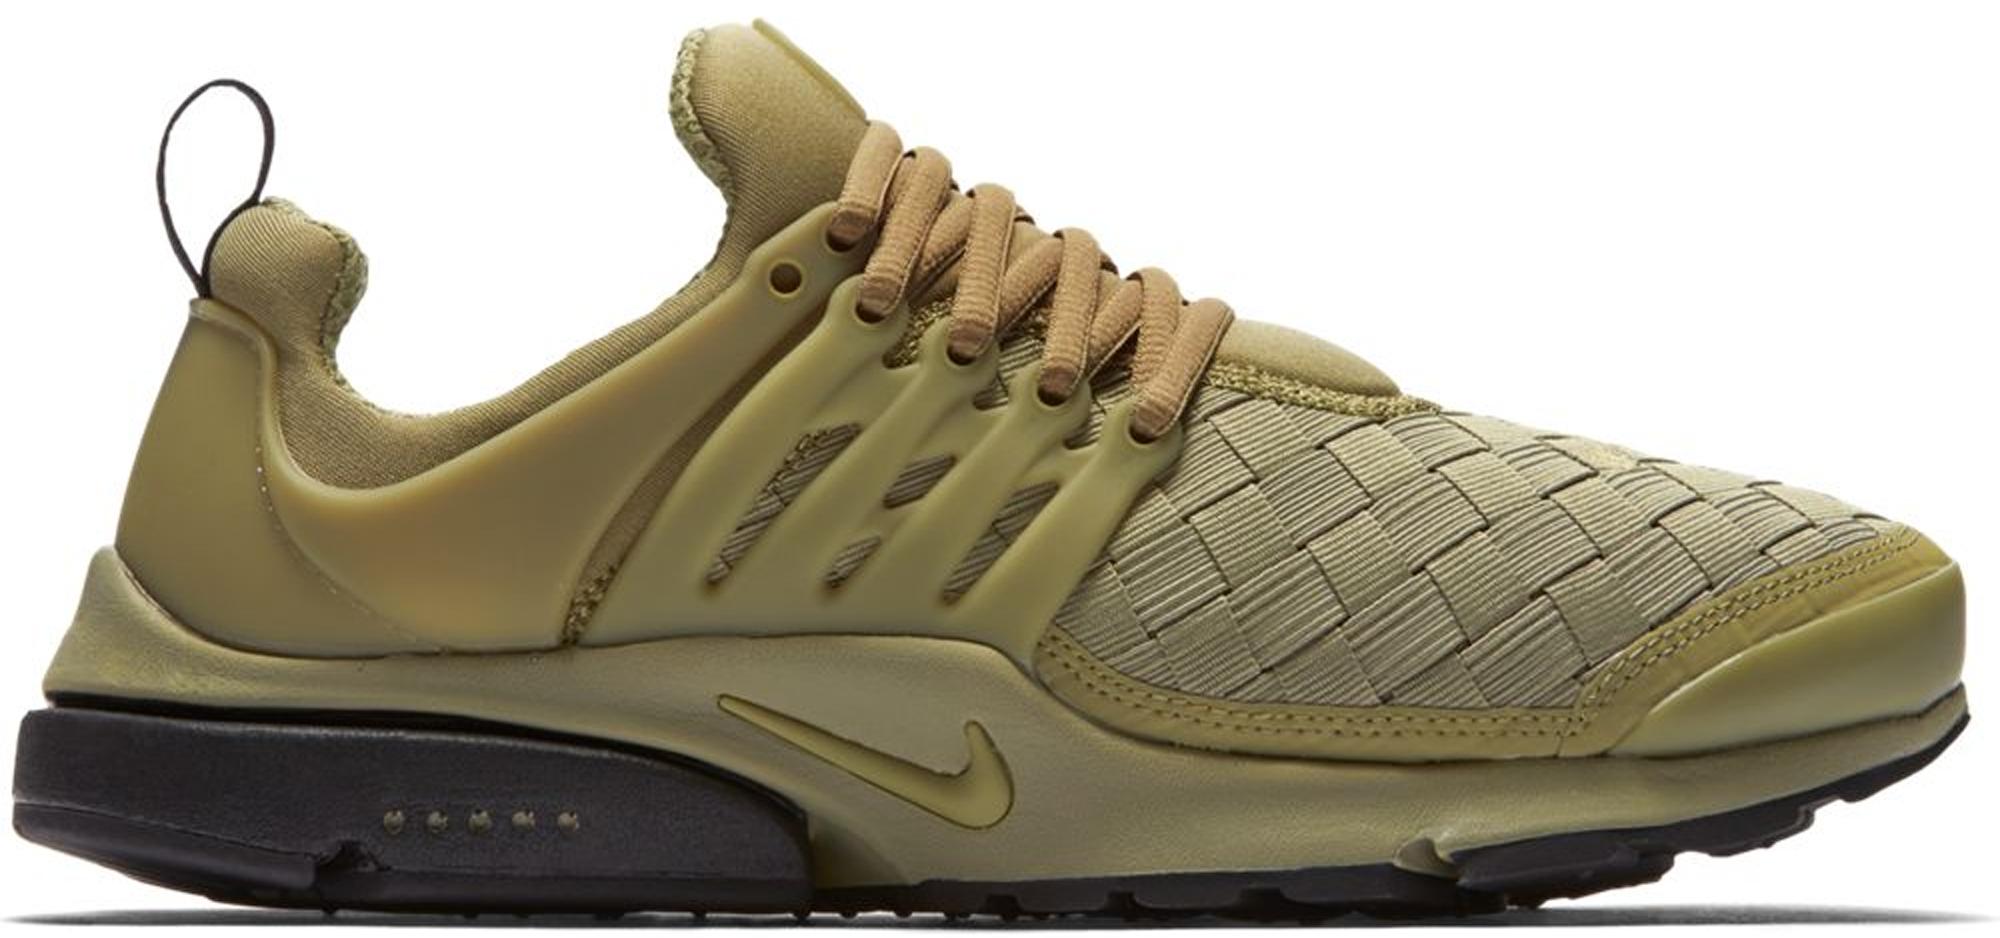 Nike Air Presto Woven Olive - 848186-200